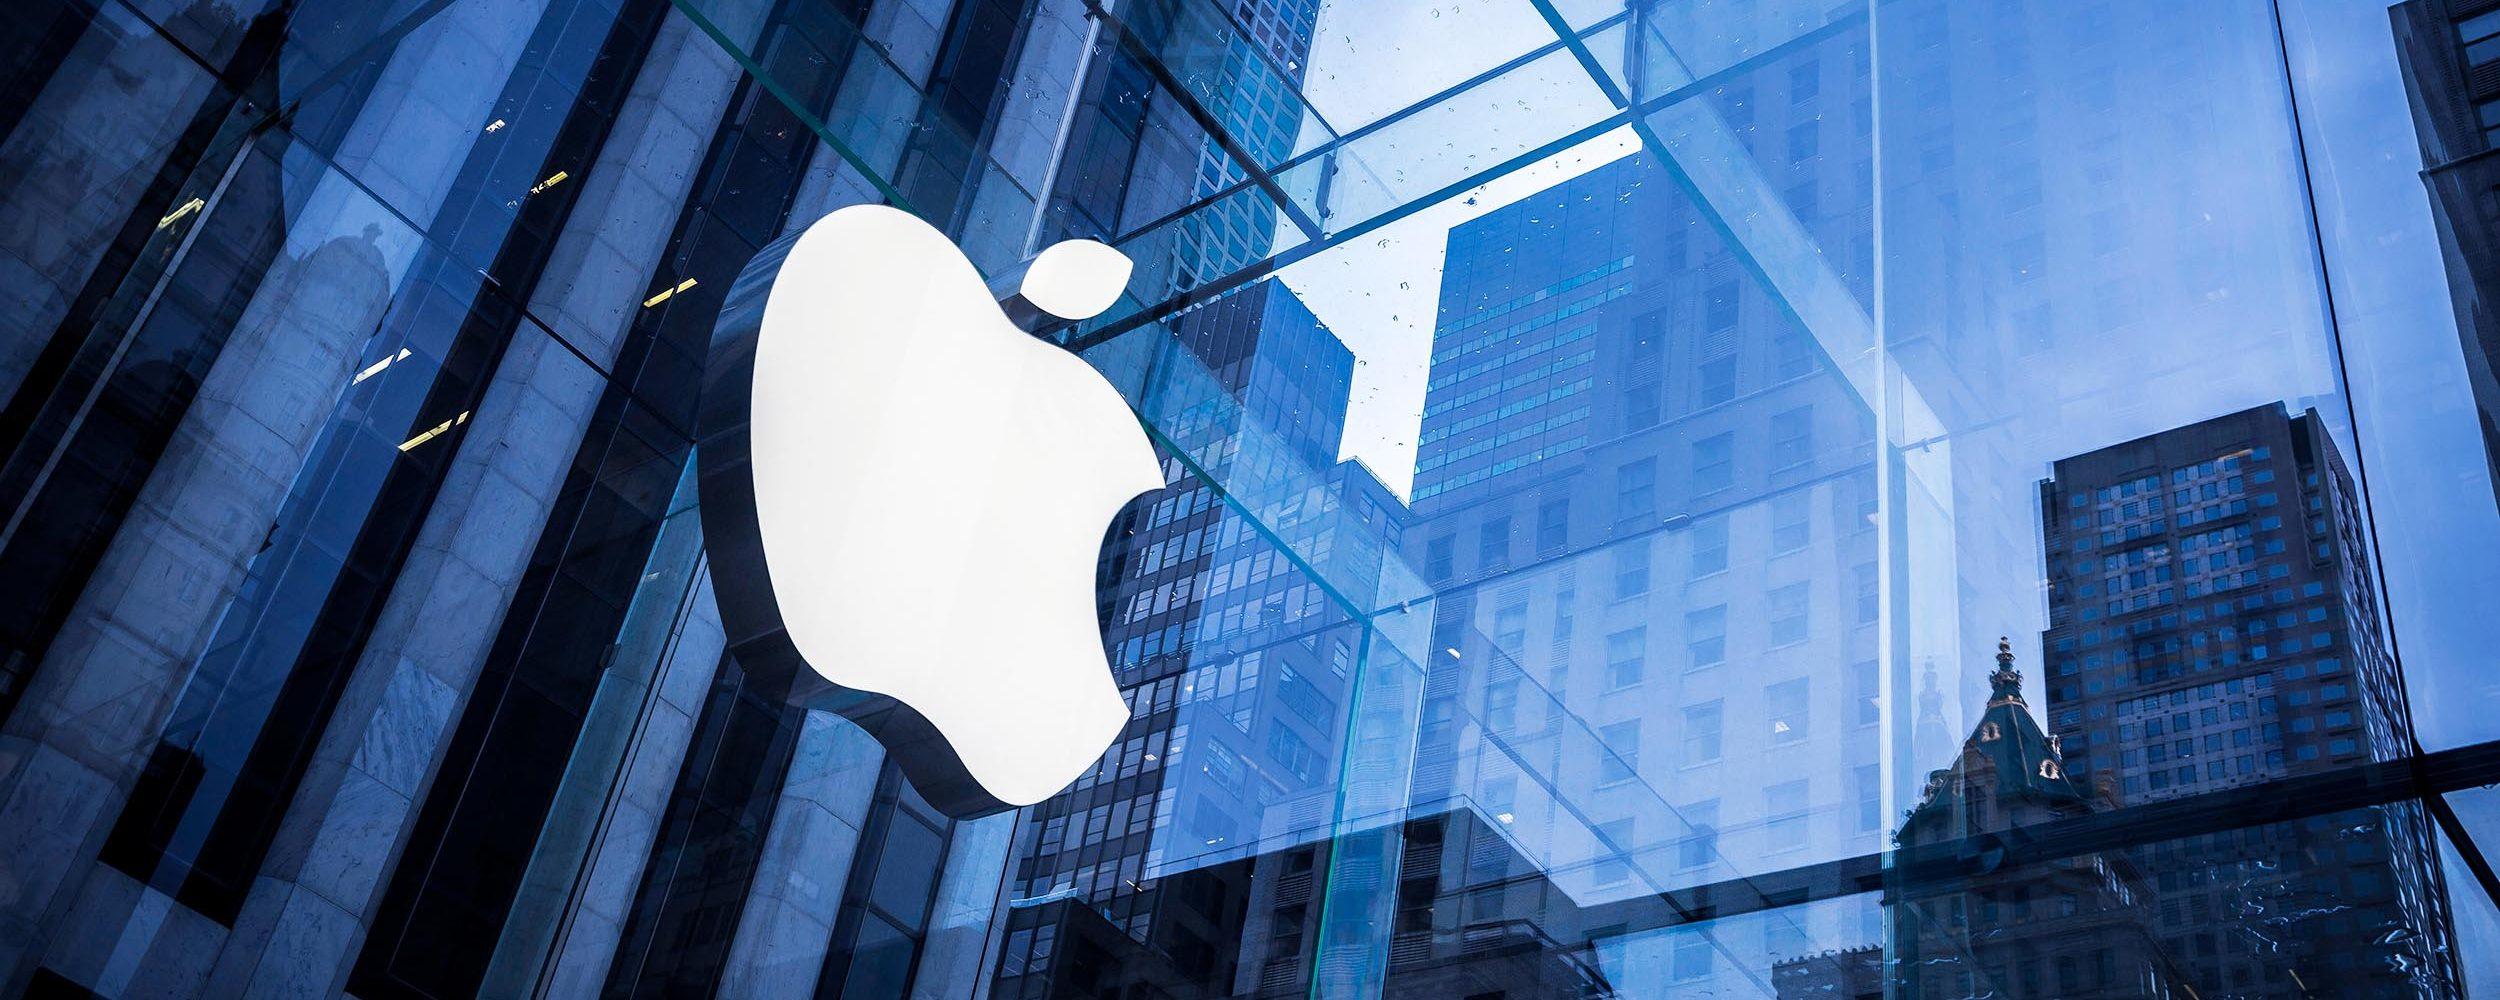 Apple a Napoli: l'occasione per dare forma alle proprie idee